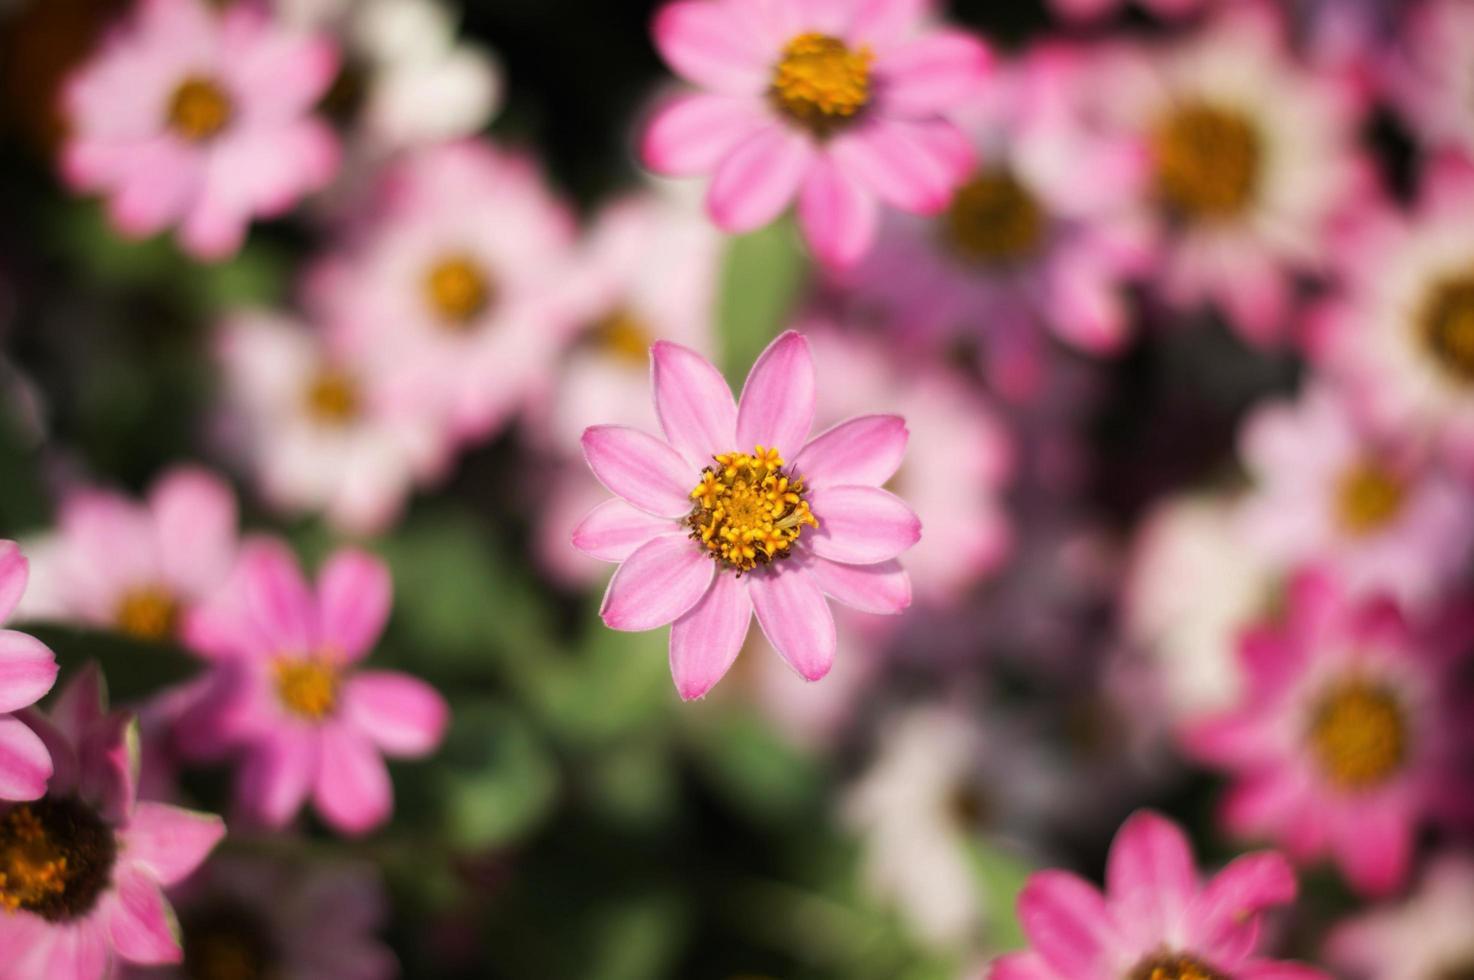 roze bloem in de tuin foto